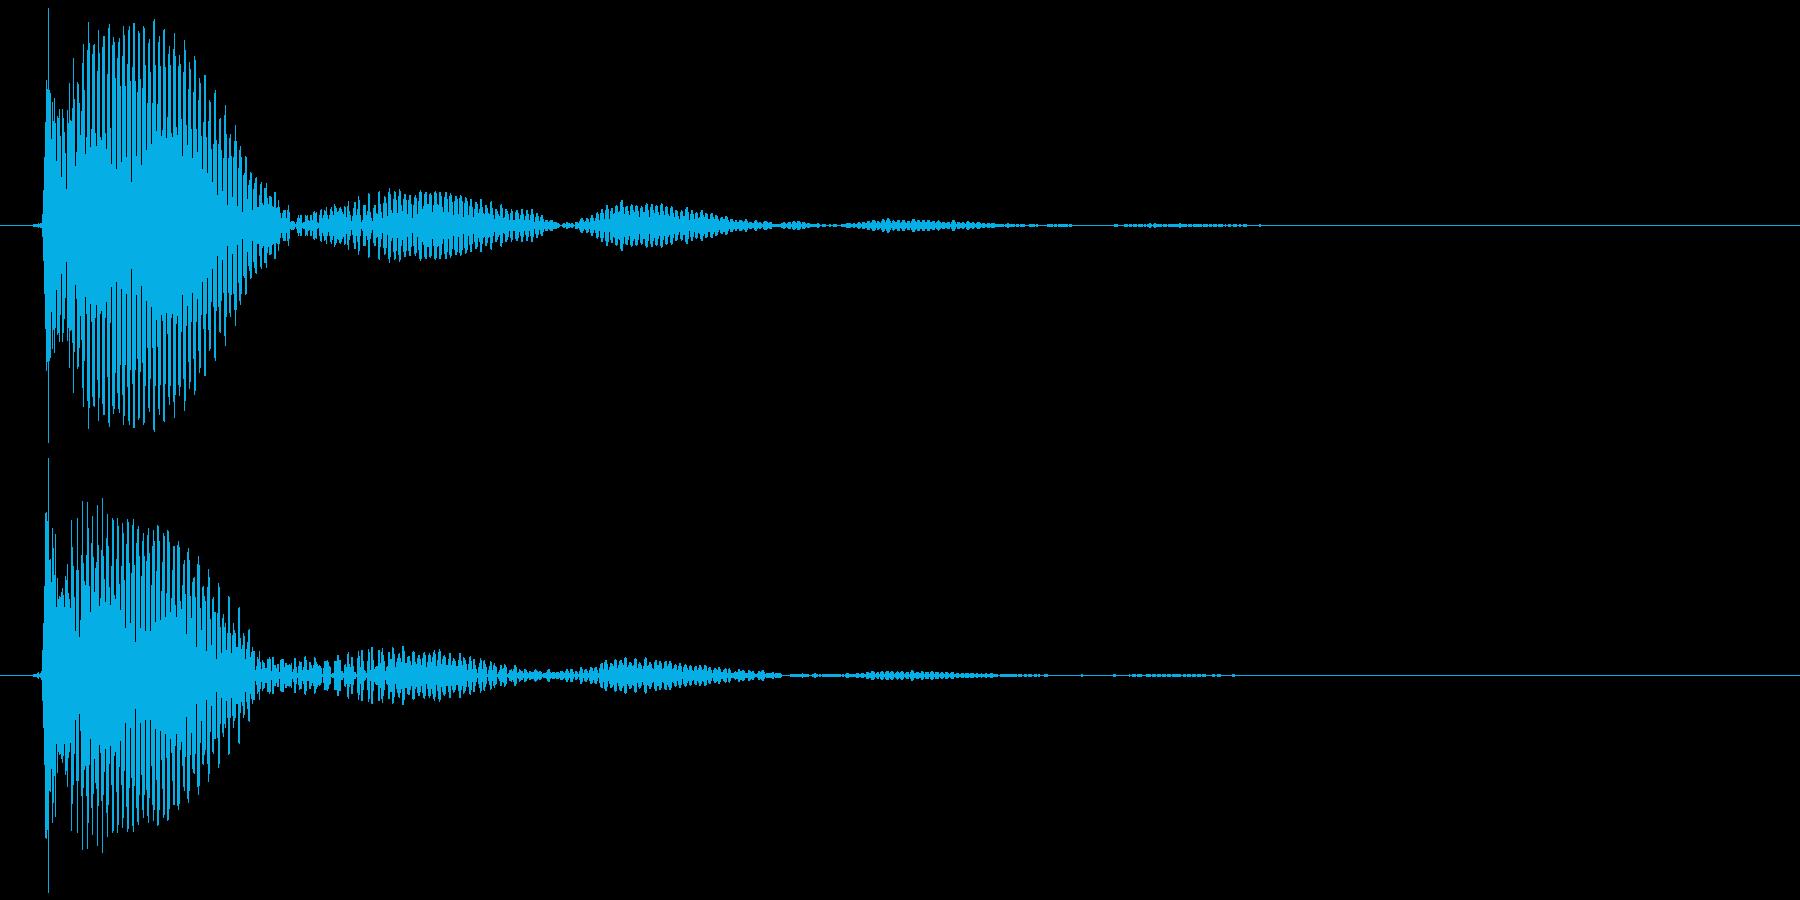 テレビ/ブラウン管 点灯カッ、ブオオン②の再生済みの波形